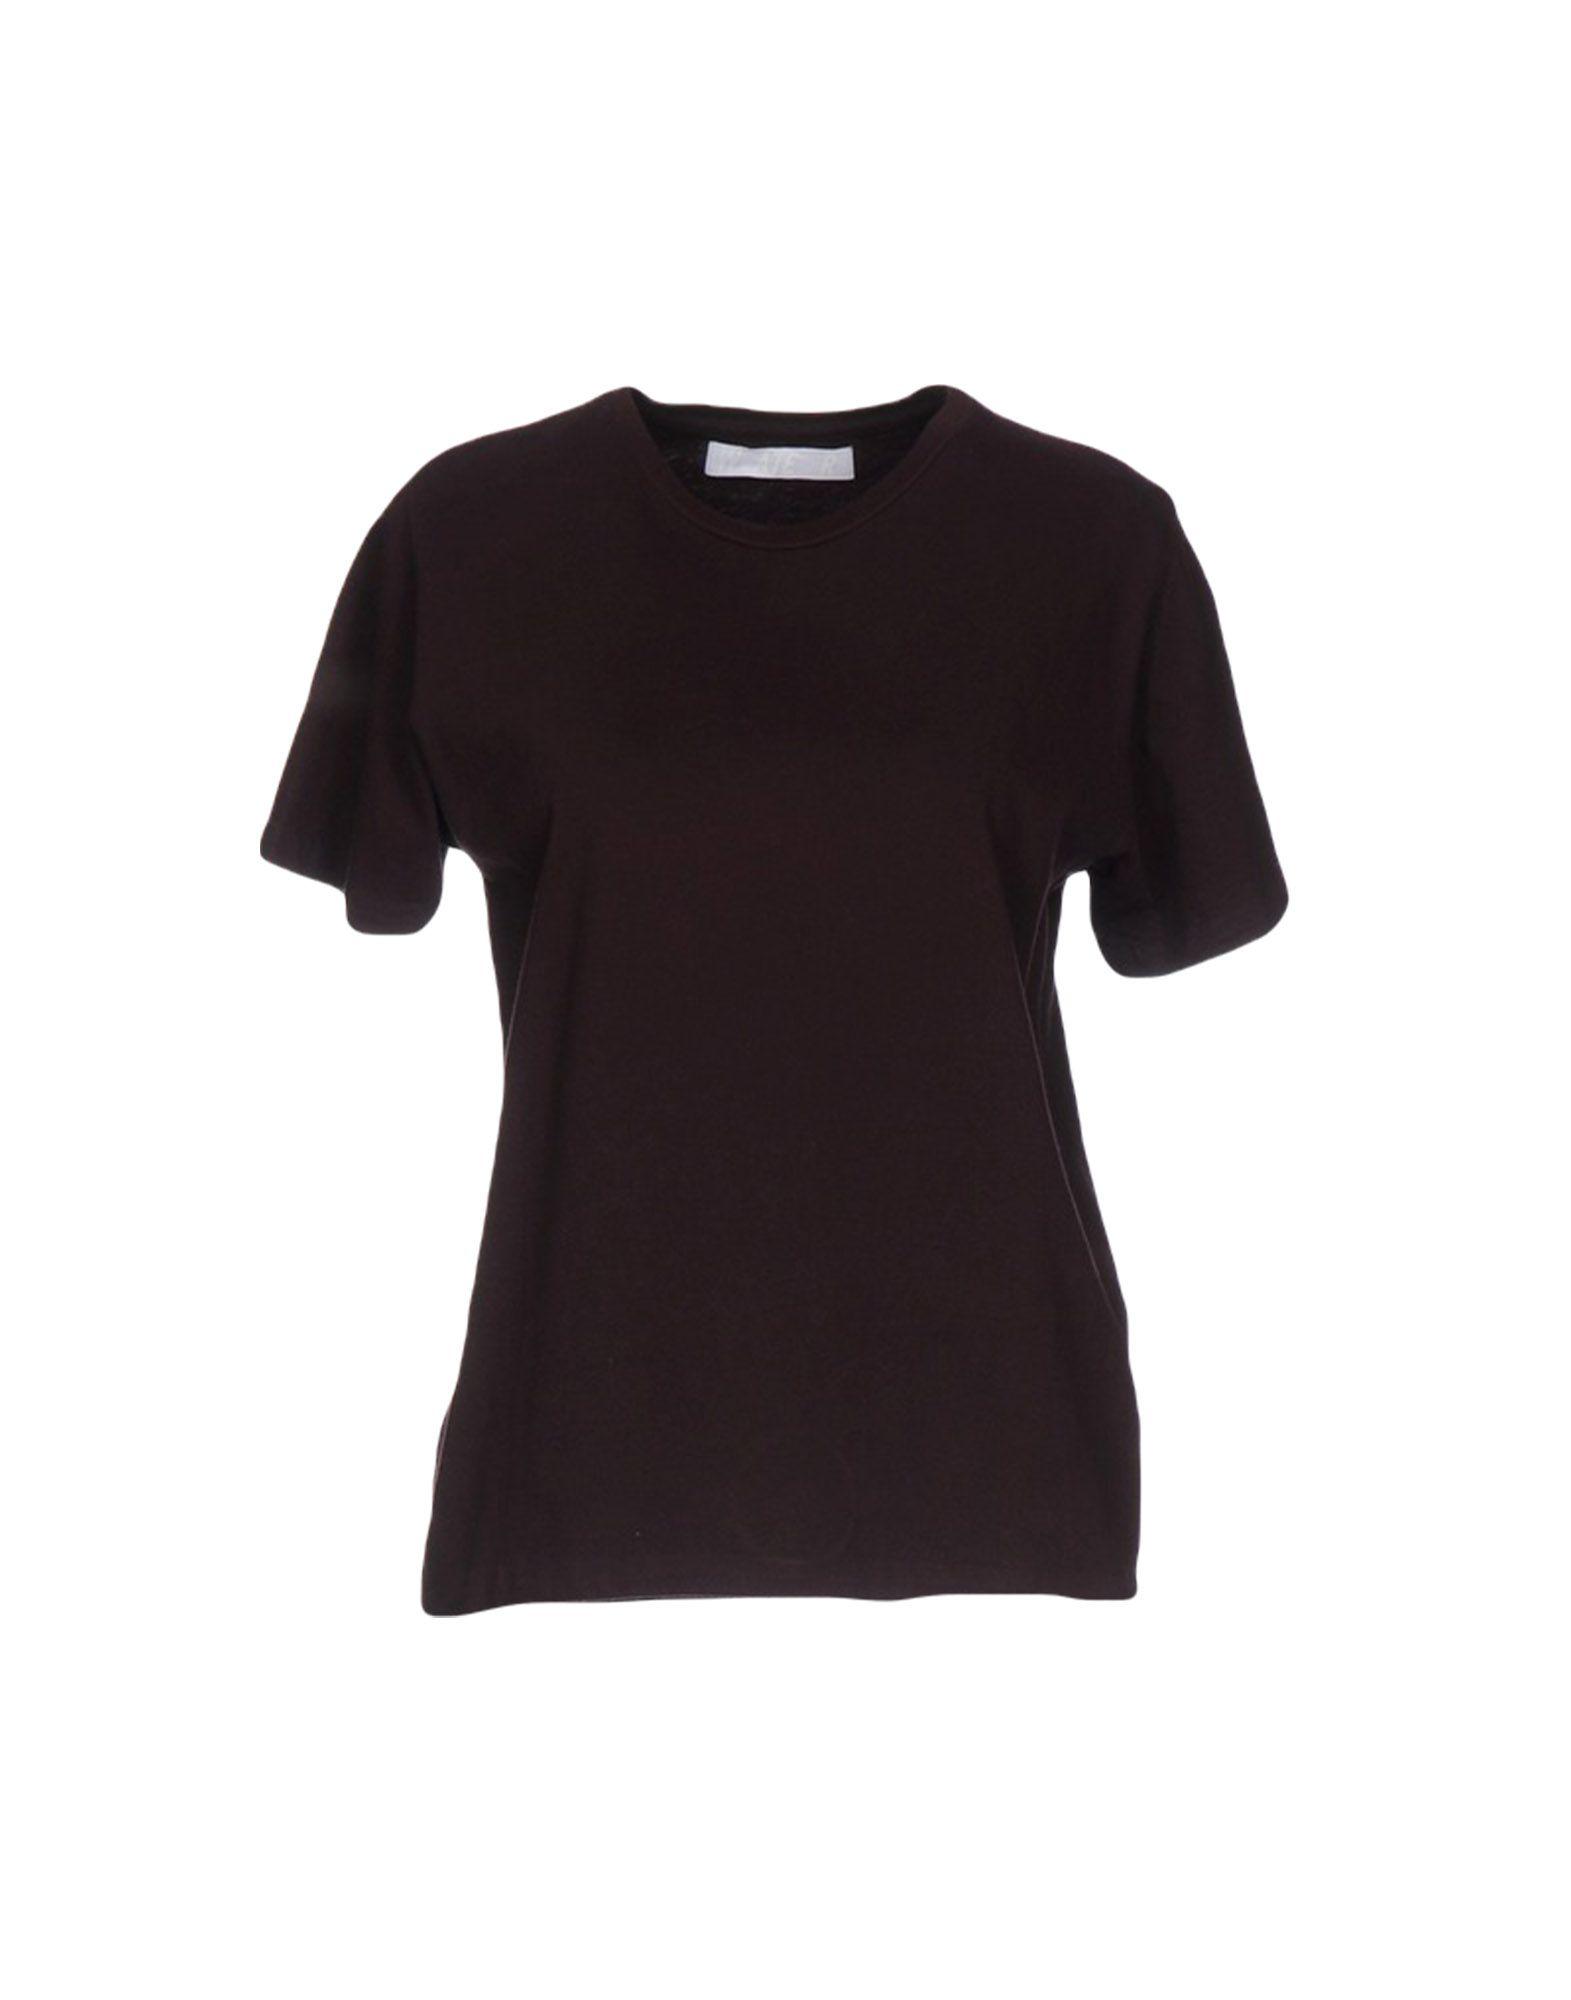 WATER T-Shirt in Deep Purple